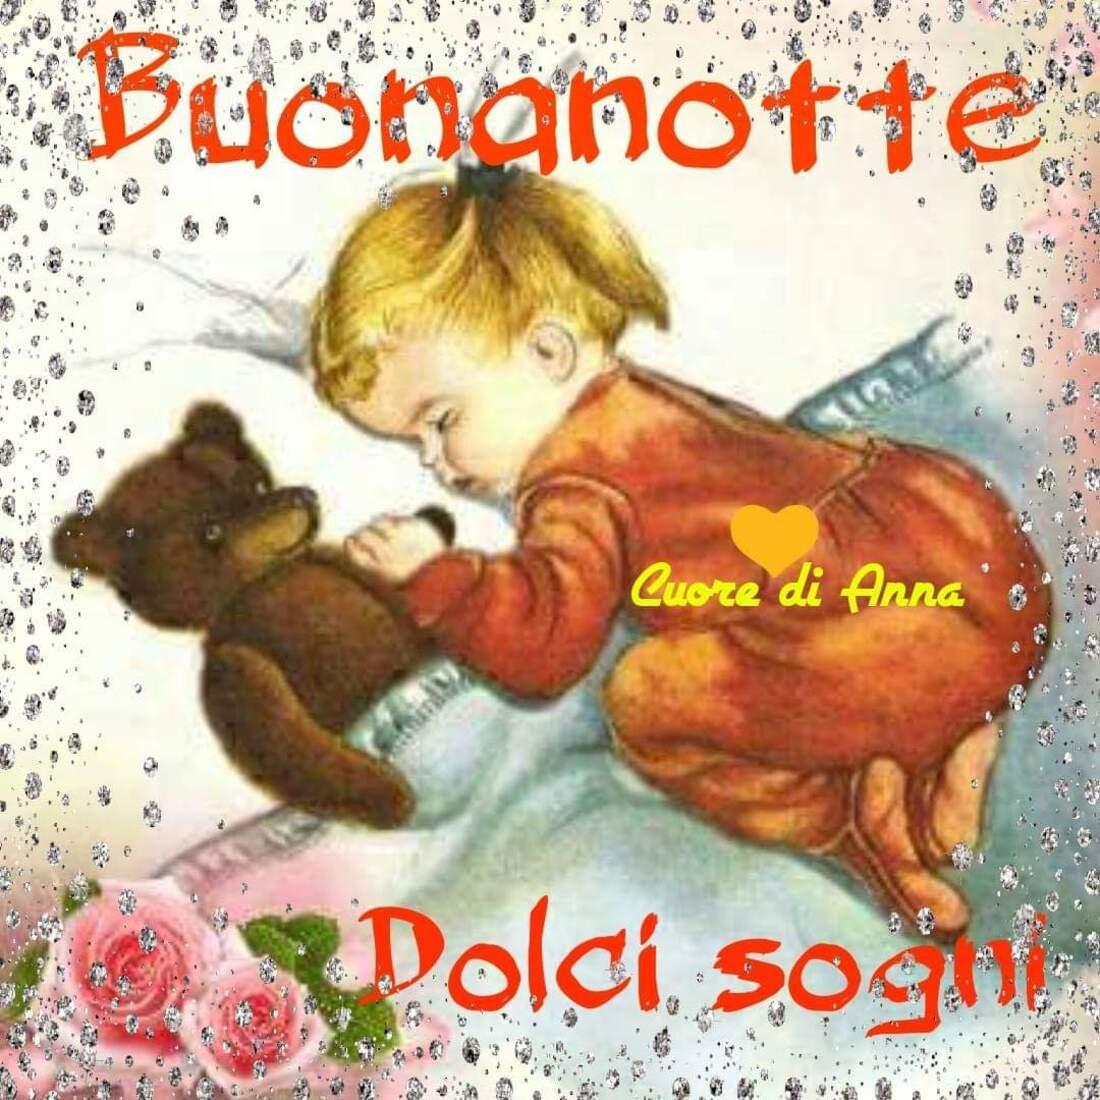 Buonanotte dolci sogni